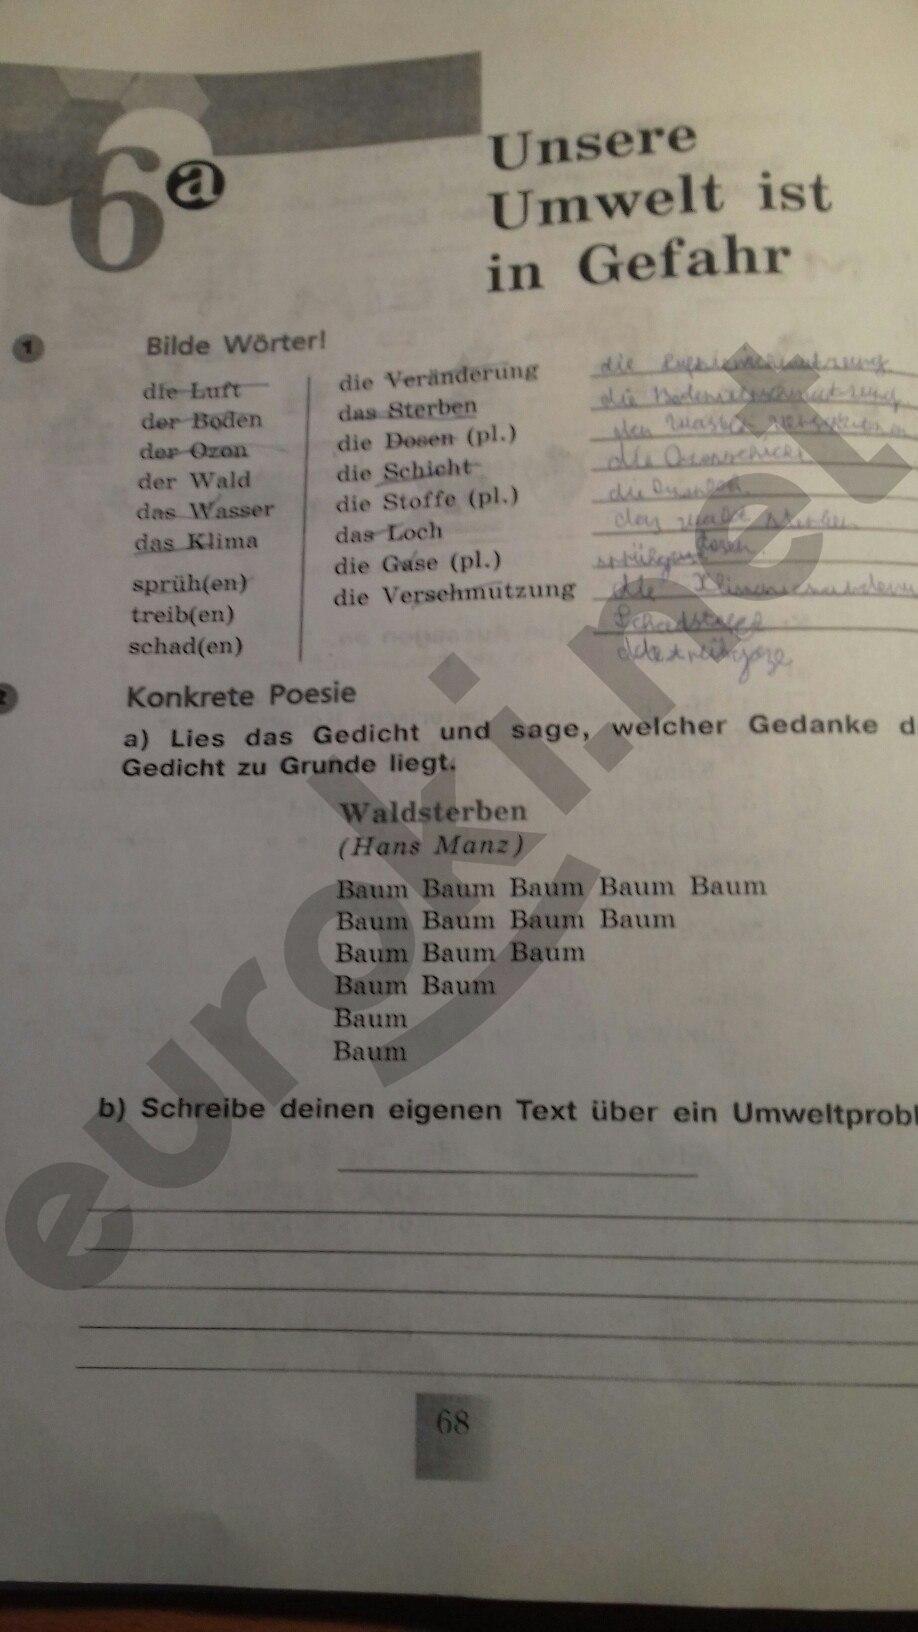 ГДЗ по немецкому языку 6 класс рабочая тетрадь Артемова. Задание: стр. 68